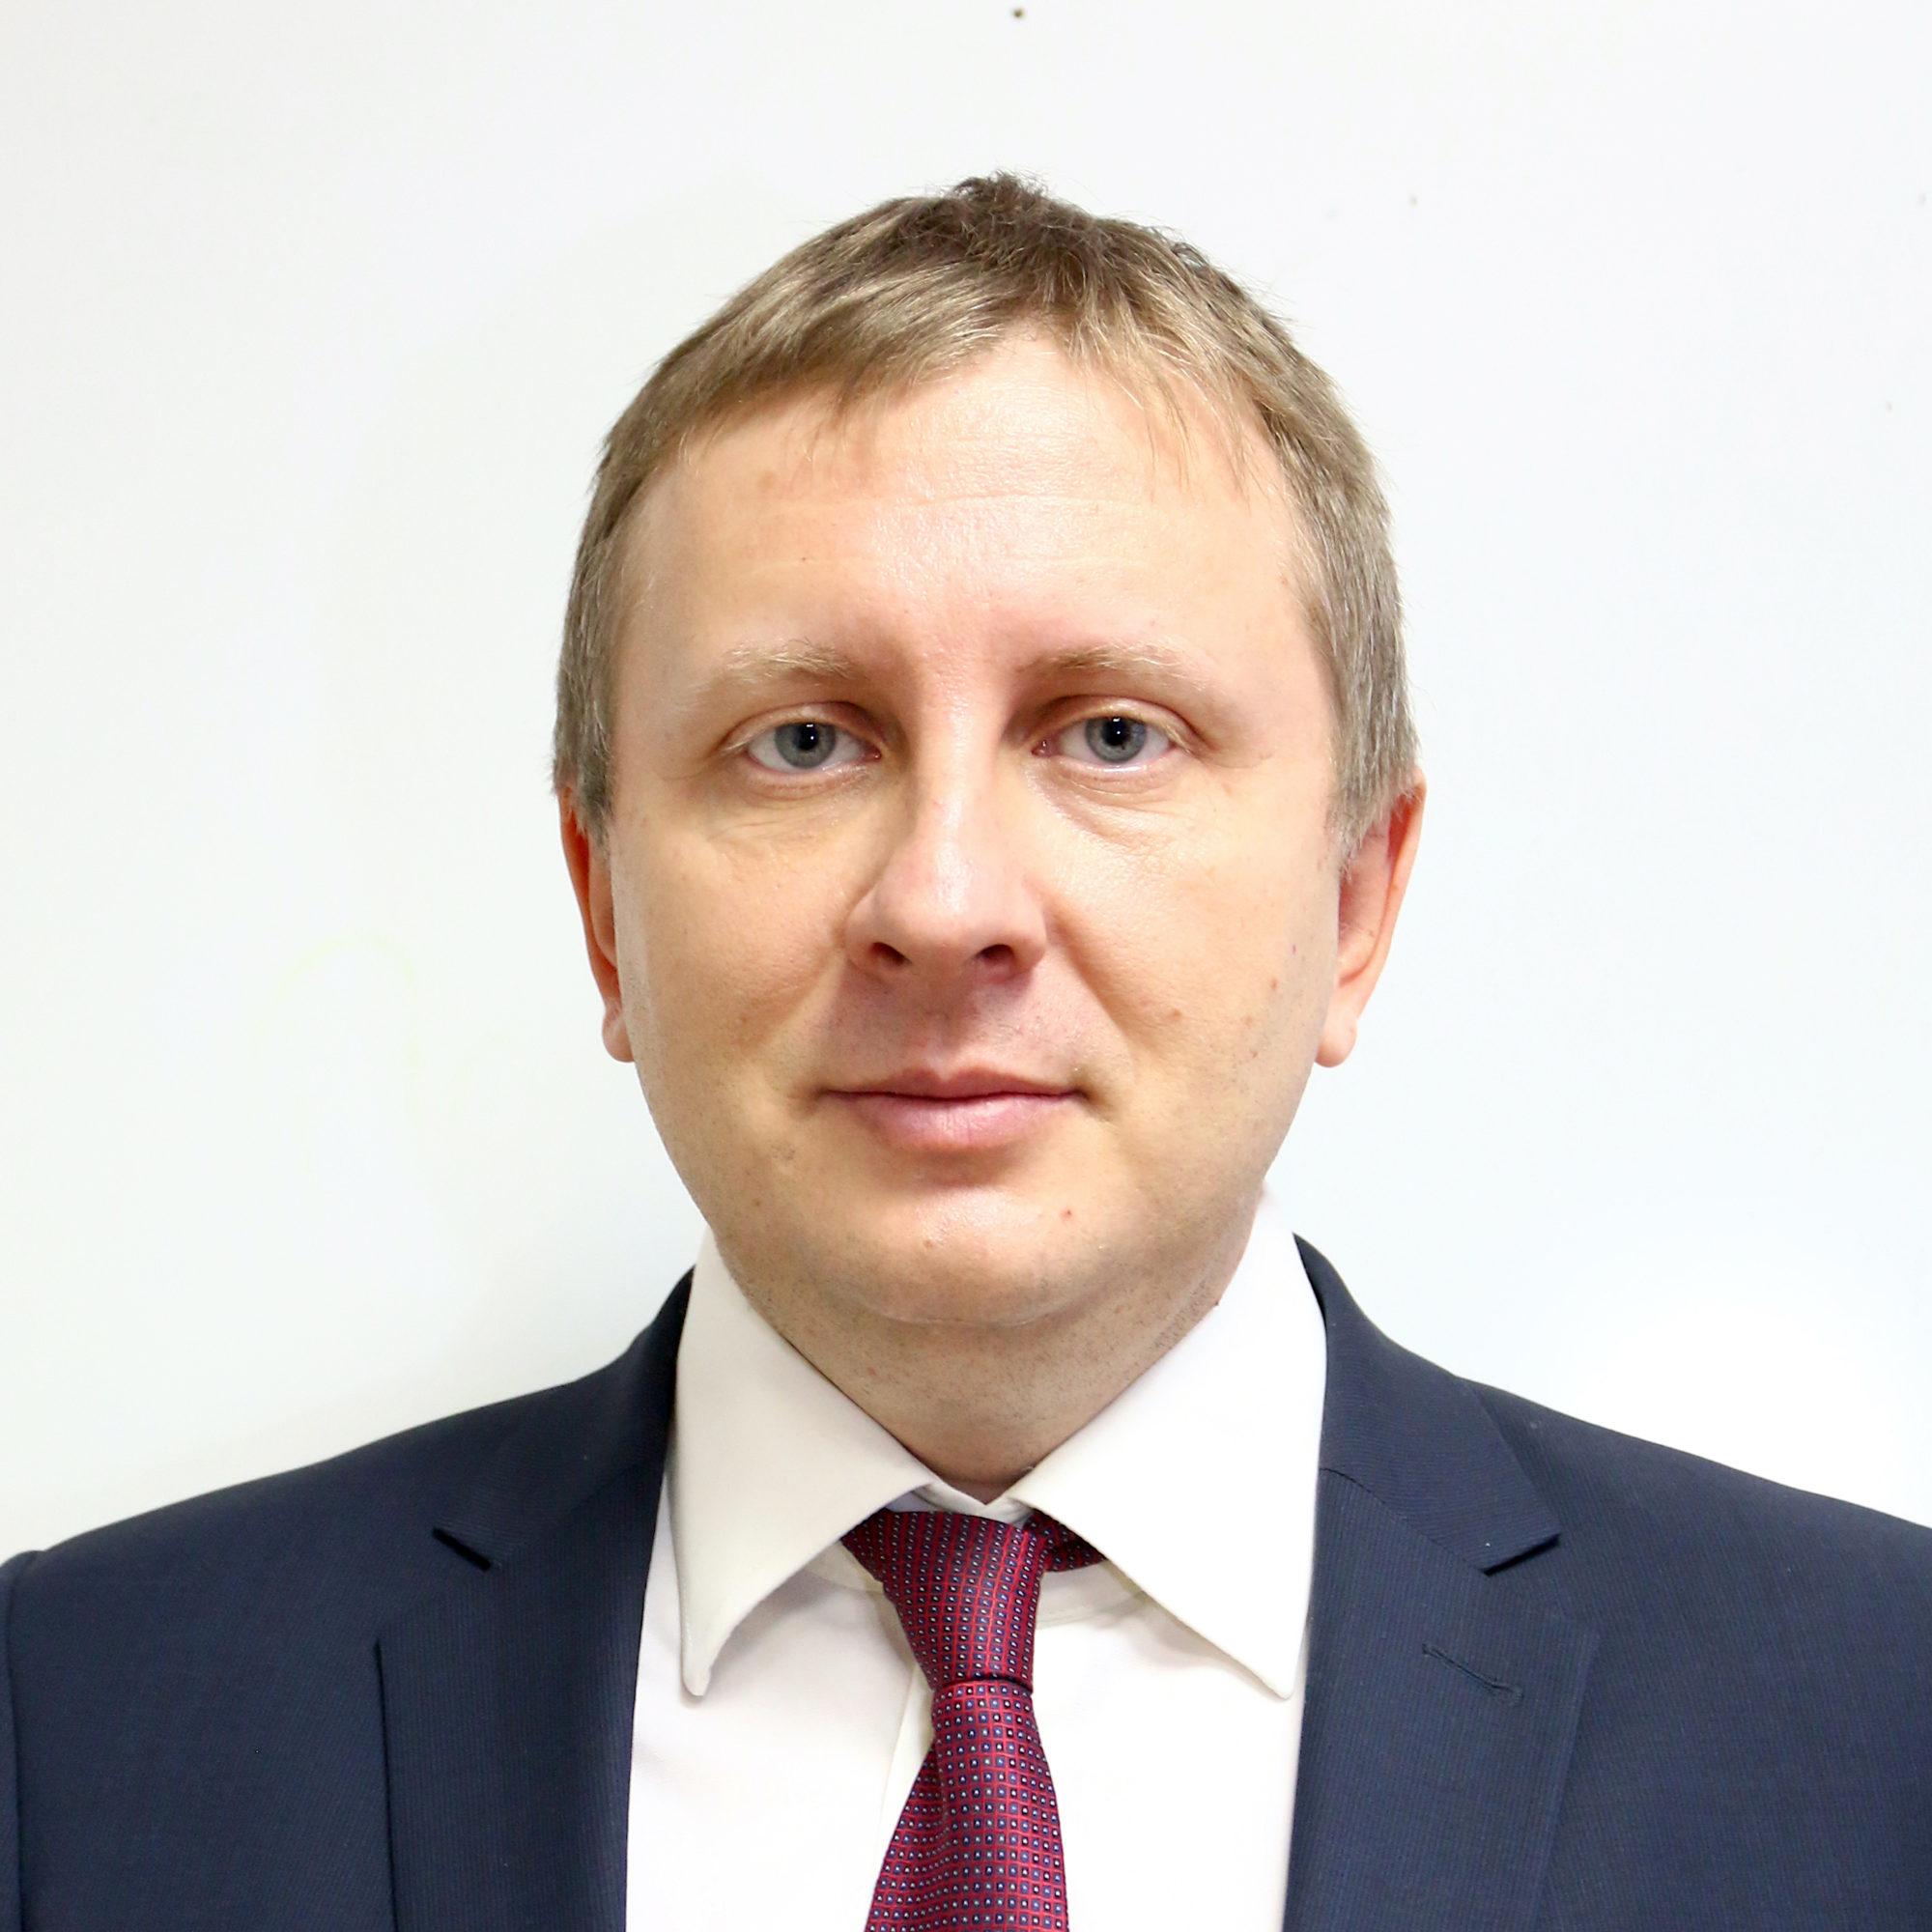 Vyacheslav Shevchenko